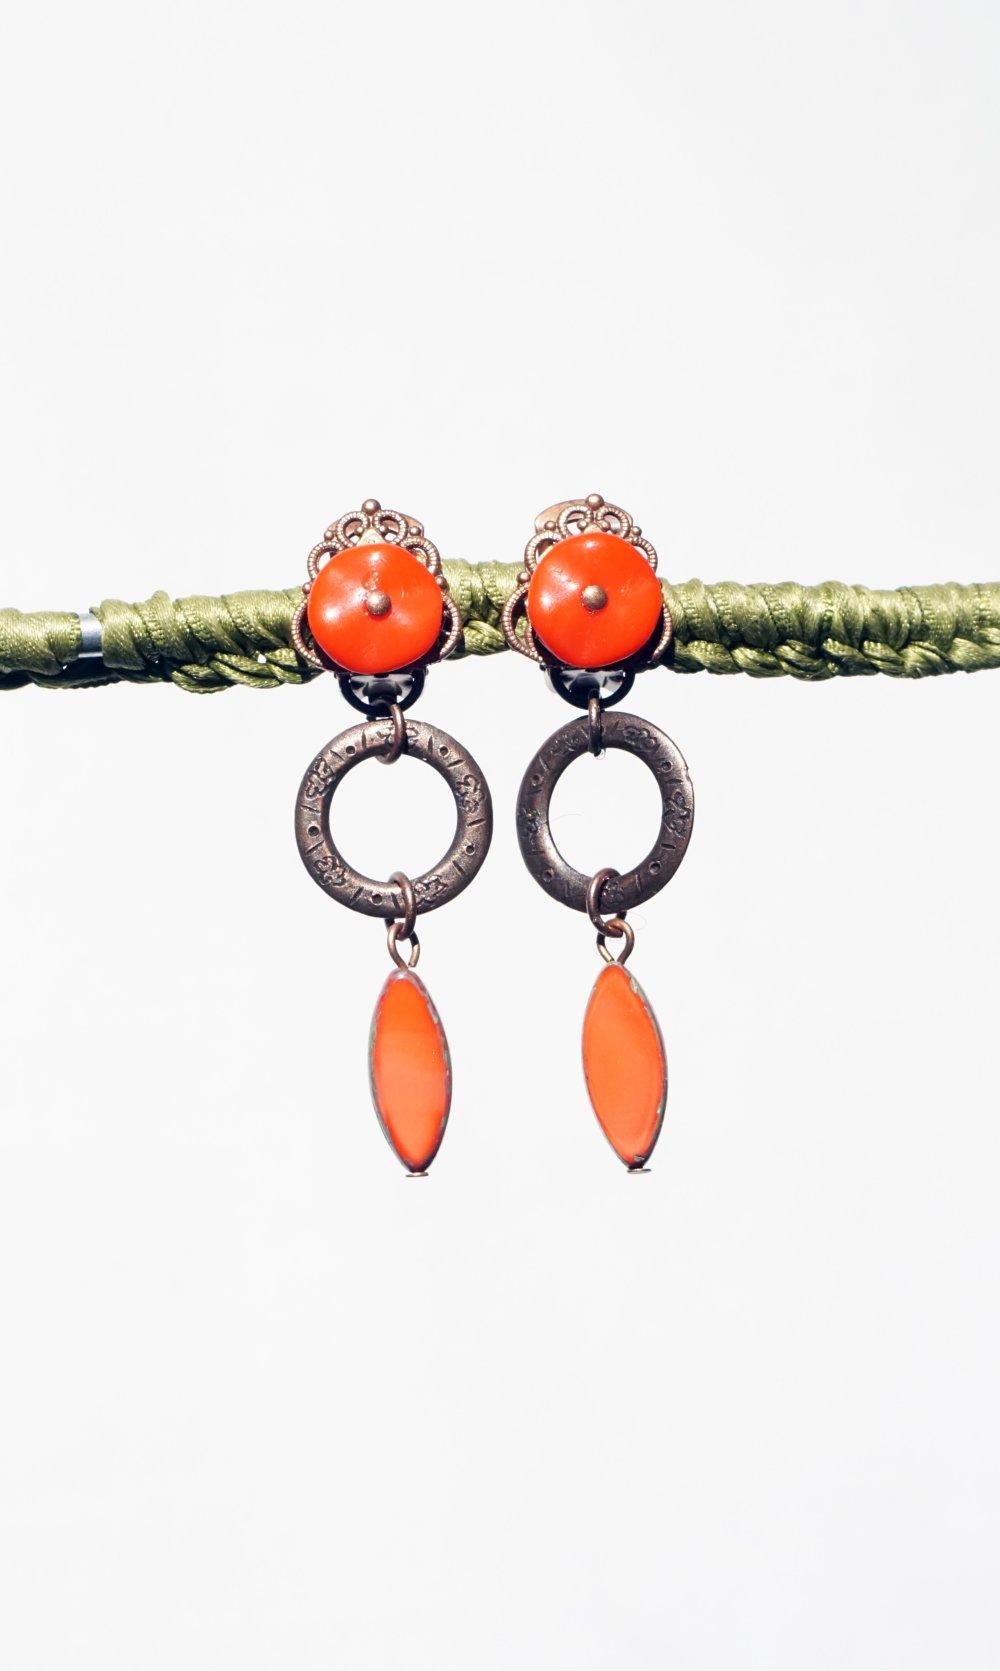 CLIP Boucles d'oreilles Clips cuivrée & Rouge Vif perle de Bohême Bijoux créateur Création française fait main